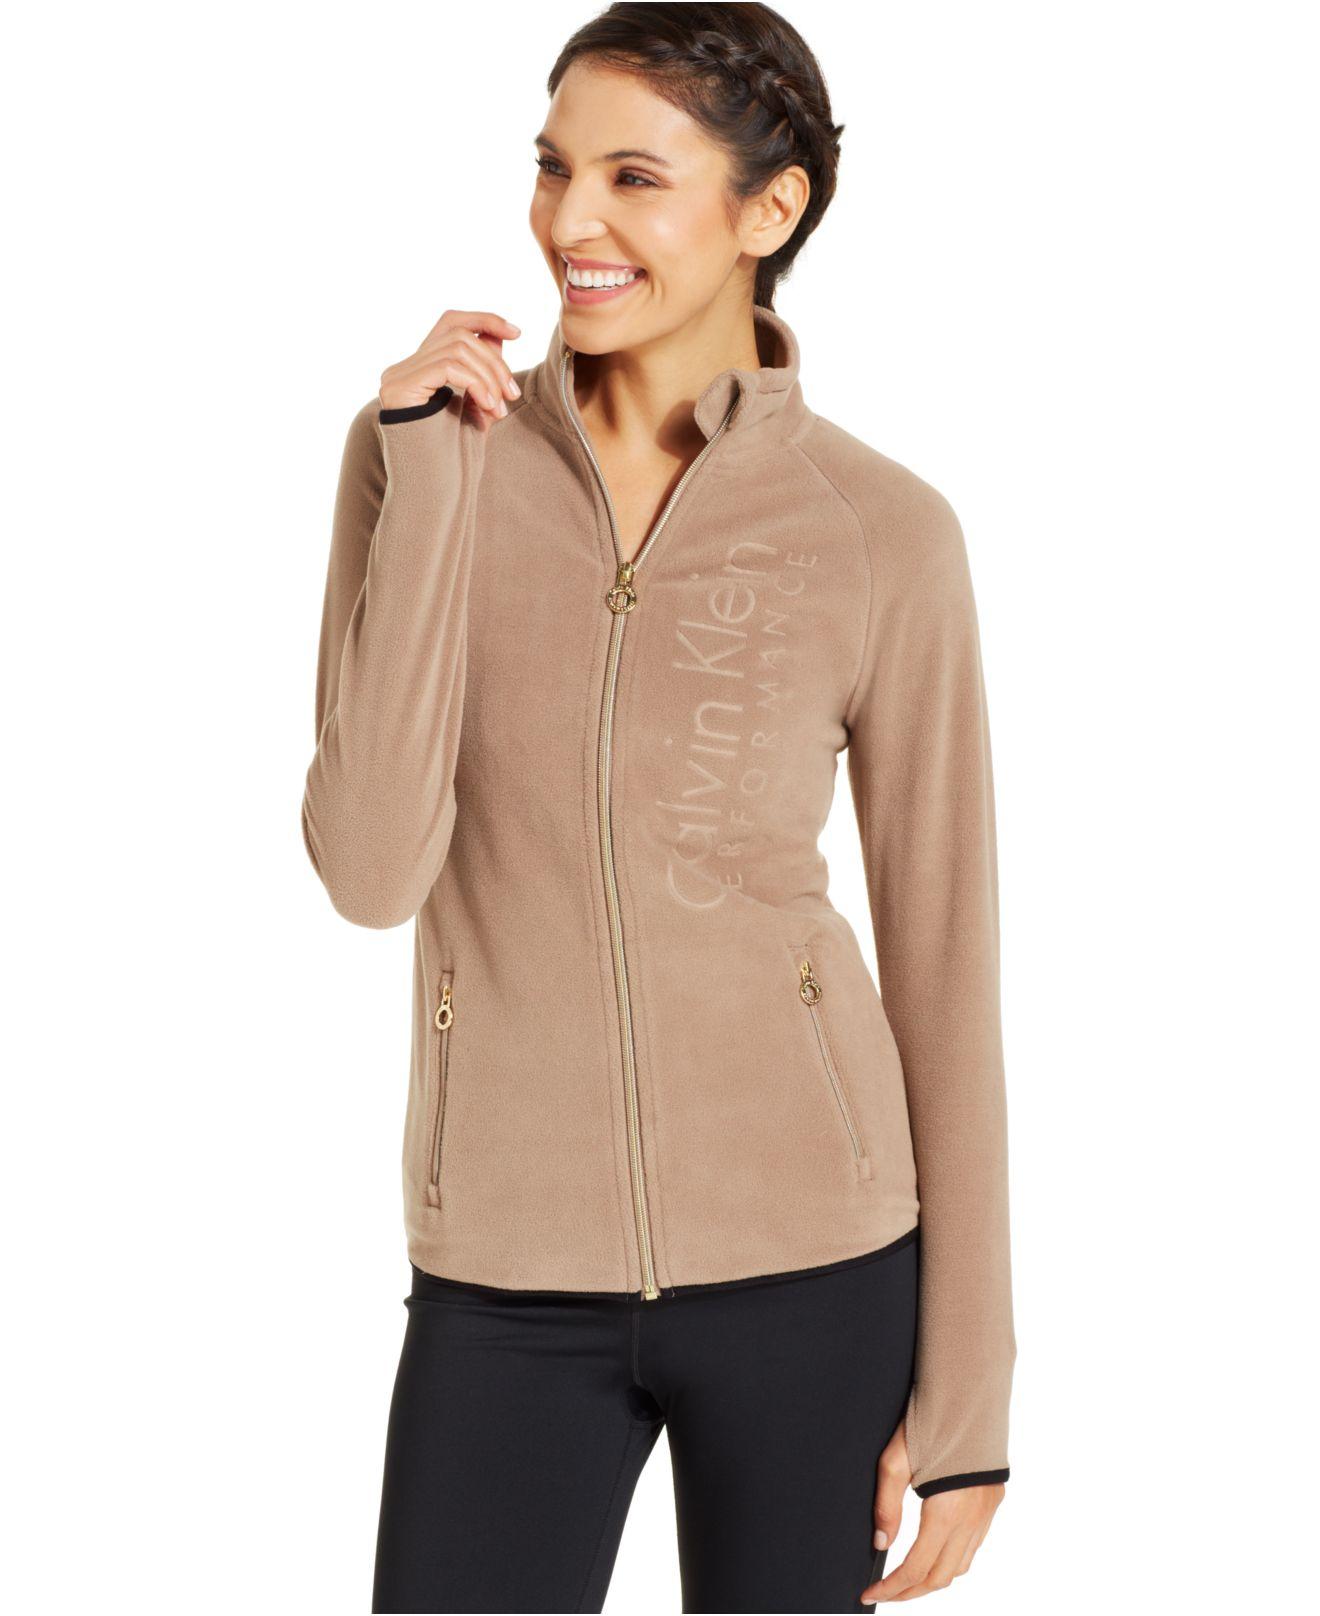 Calvin klein Performance Logo Fleece Zip-Up Jacket in Natural | Lyst